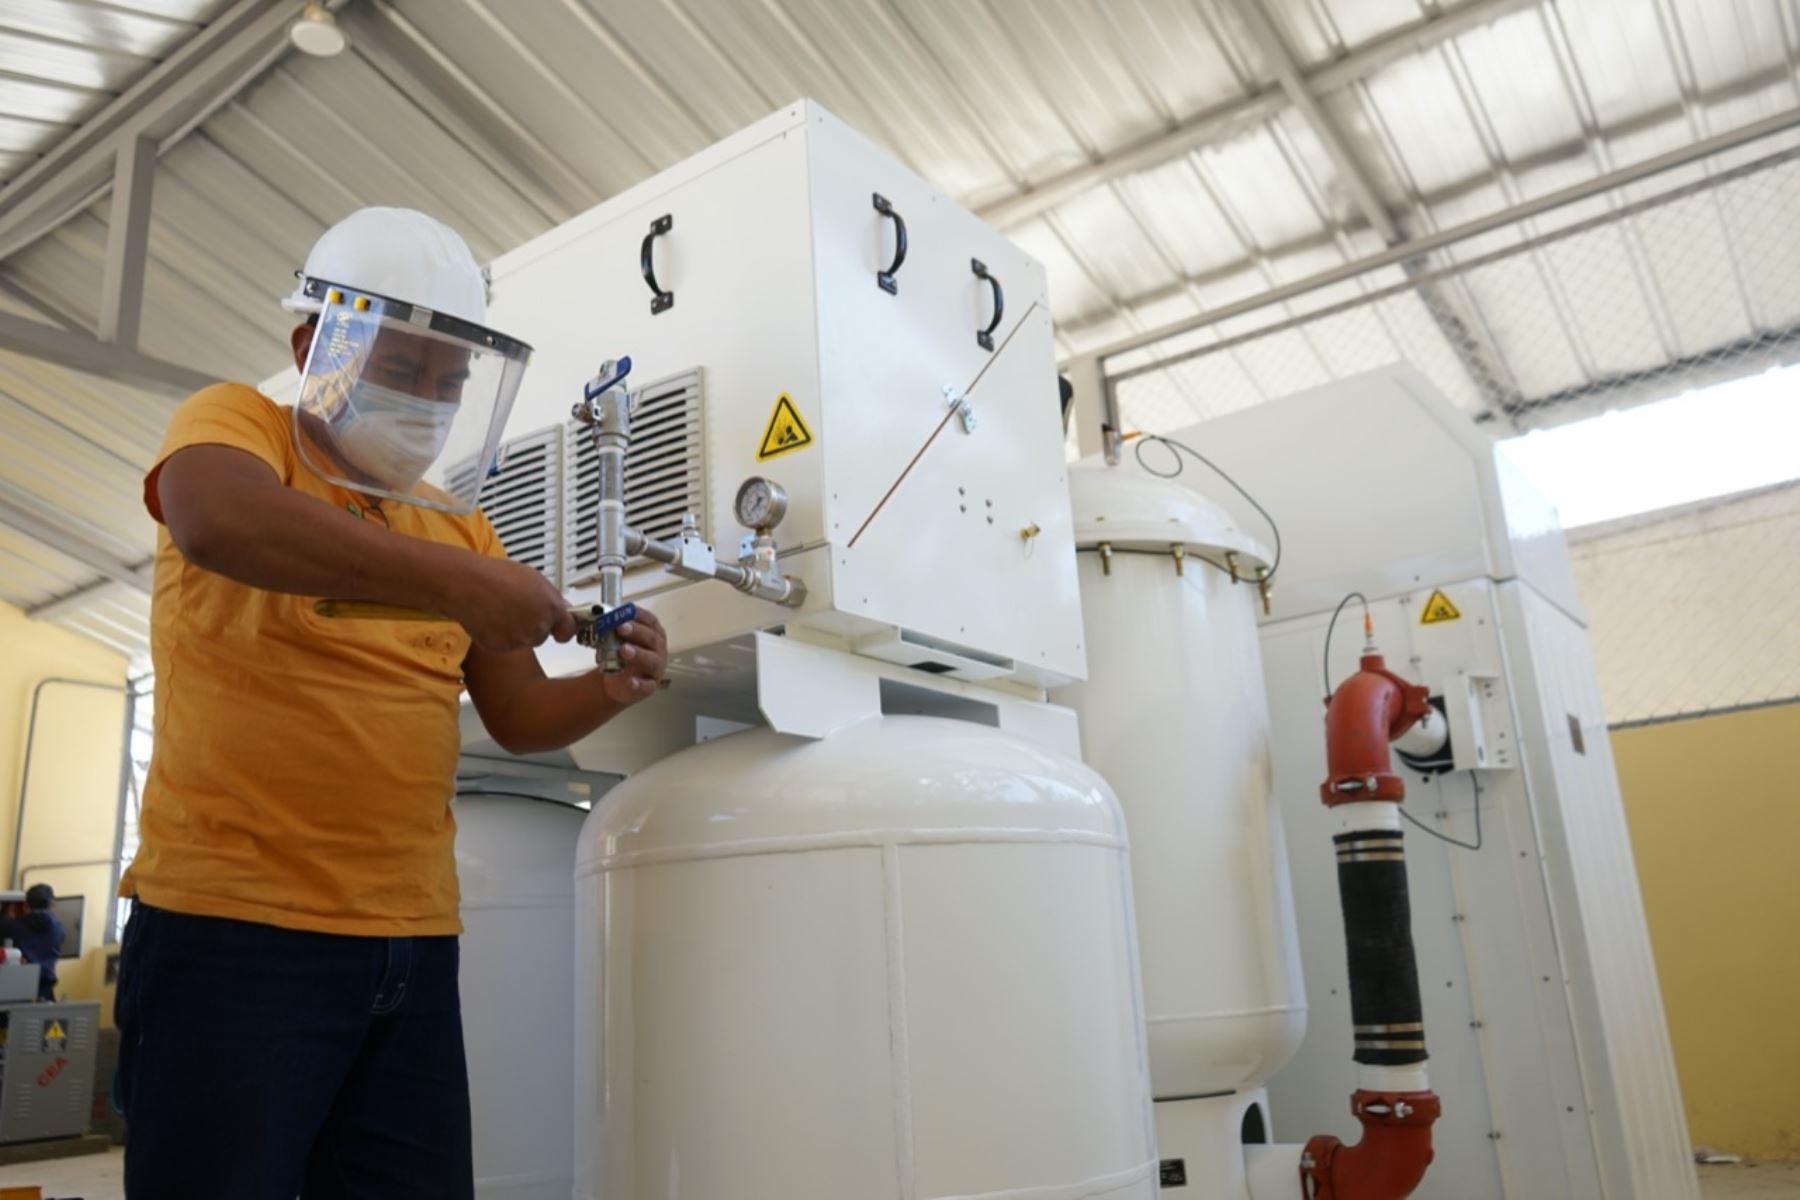 Planta donada por Newmont Yanacocha producirá 30 metros cúbicos de oxígeno medicinal por hora para pacientes covid-19 en Cajamarca.ANDINA/Difusión